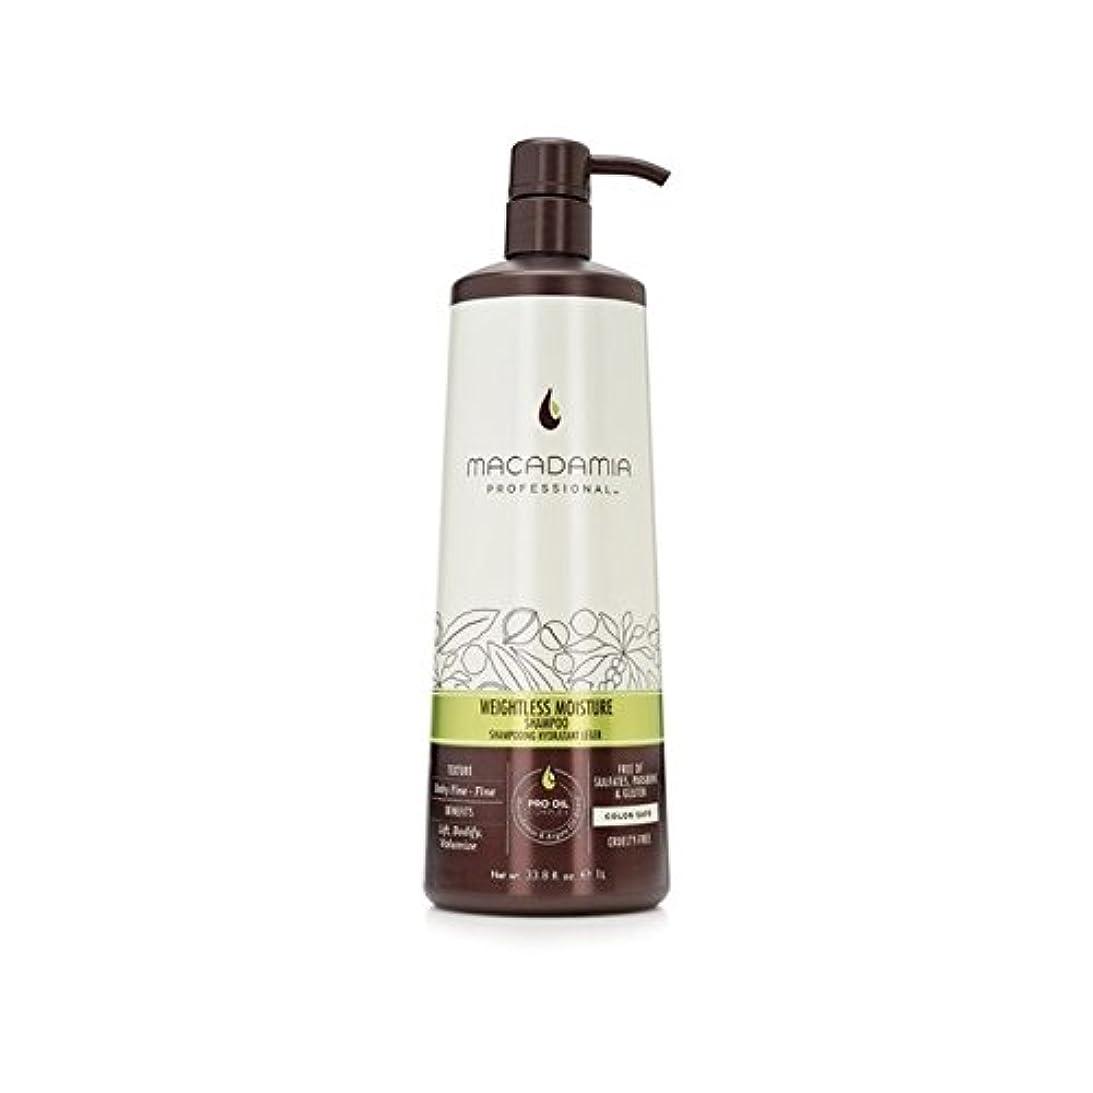 鎮痛剤ハング車両Macadamia Weightless Moisture Shampoo (1000ml) (Pack of 6) - マカダミア無重力水分シャンプー(千ミリリットル) x6 [並行輸入品]